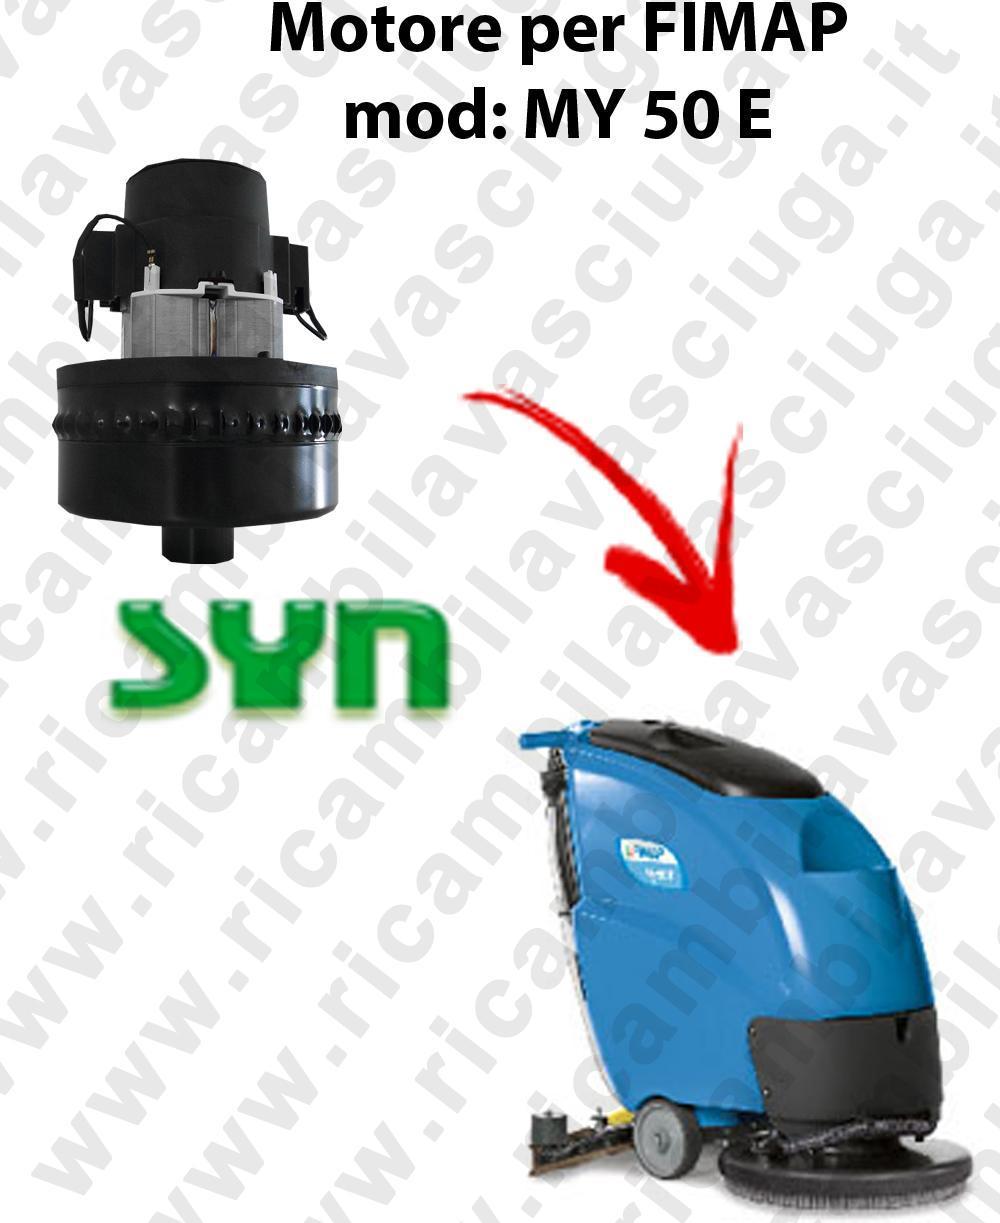 MY 50 ünd Saugmotor AMETEK für scheuersaugmaschinen FIMAP